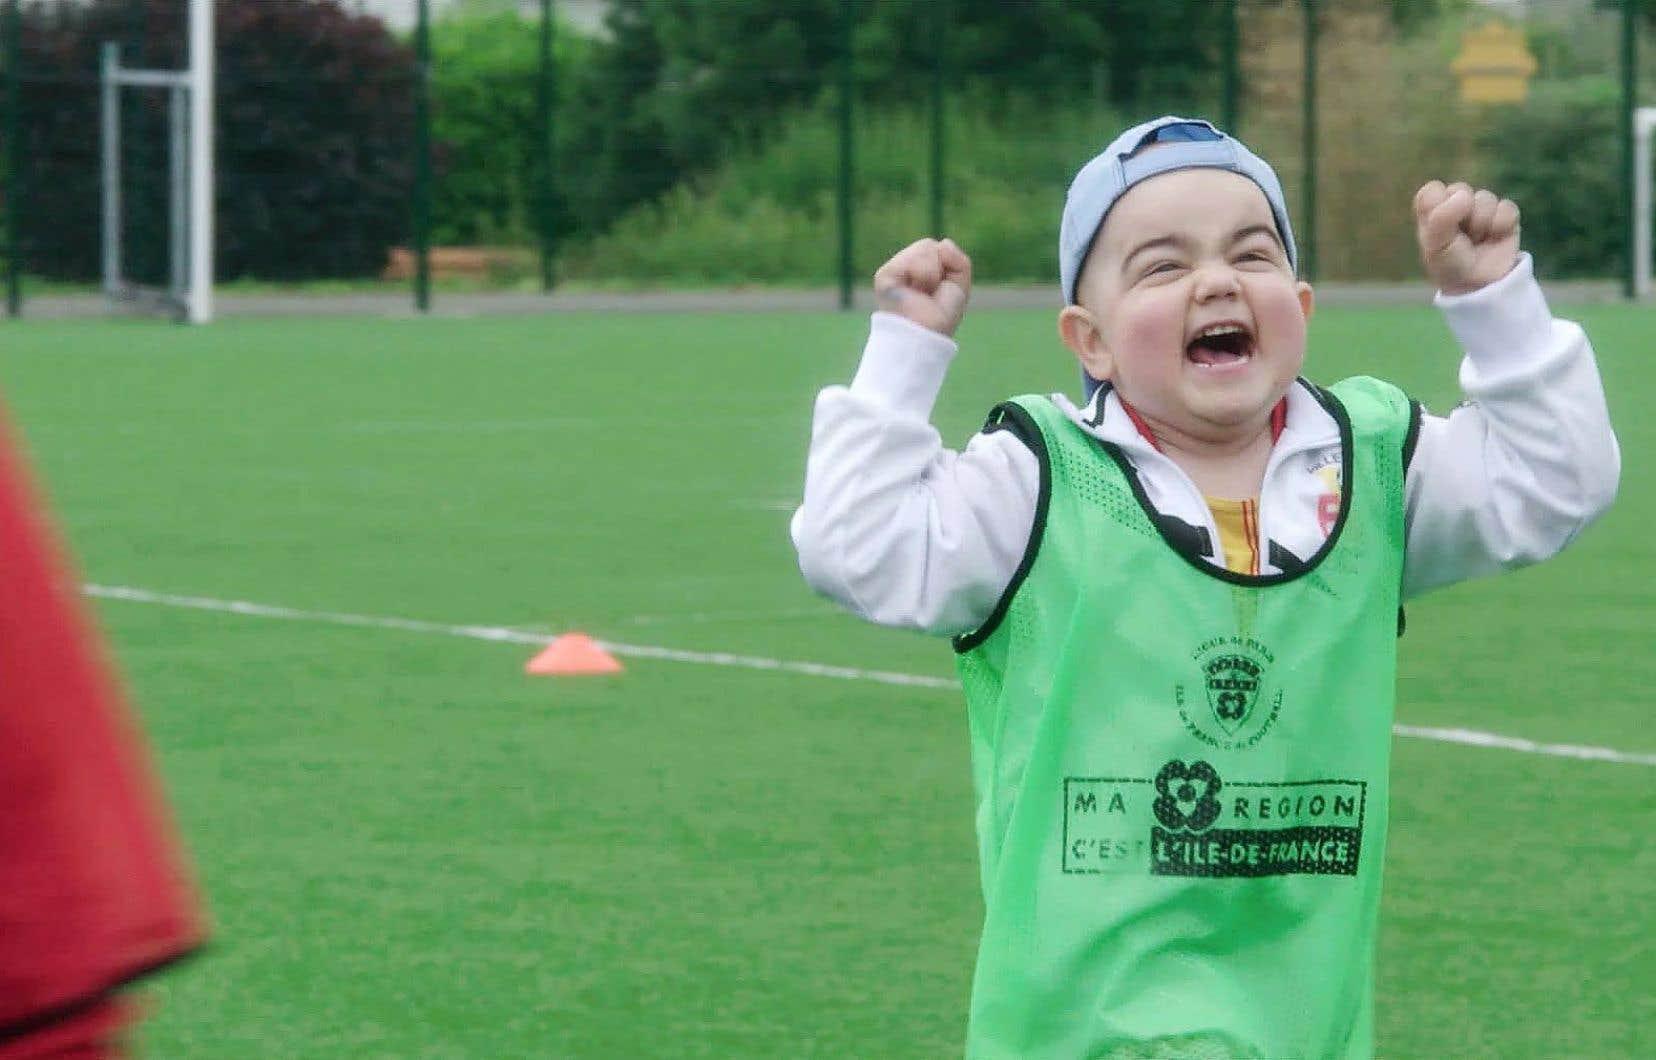 Camille, atteint d'un cancer, joue au soccer et fait fi des limites que la maladie pose sur son chemin.